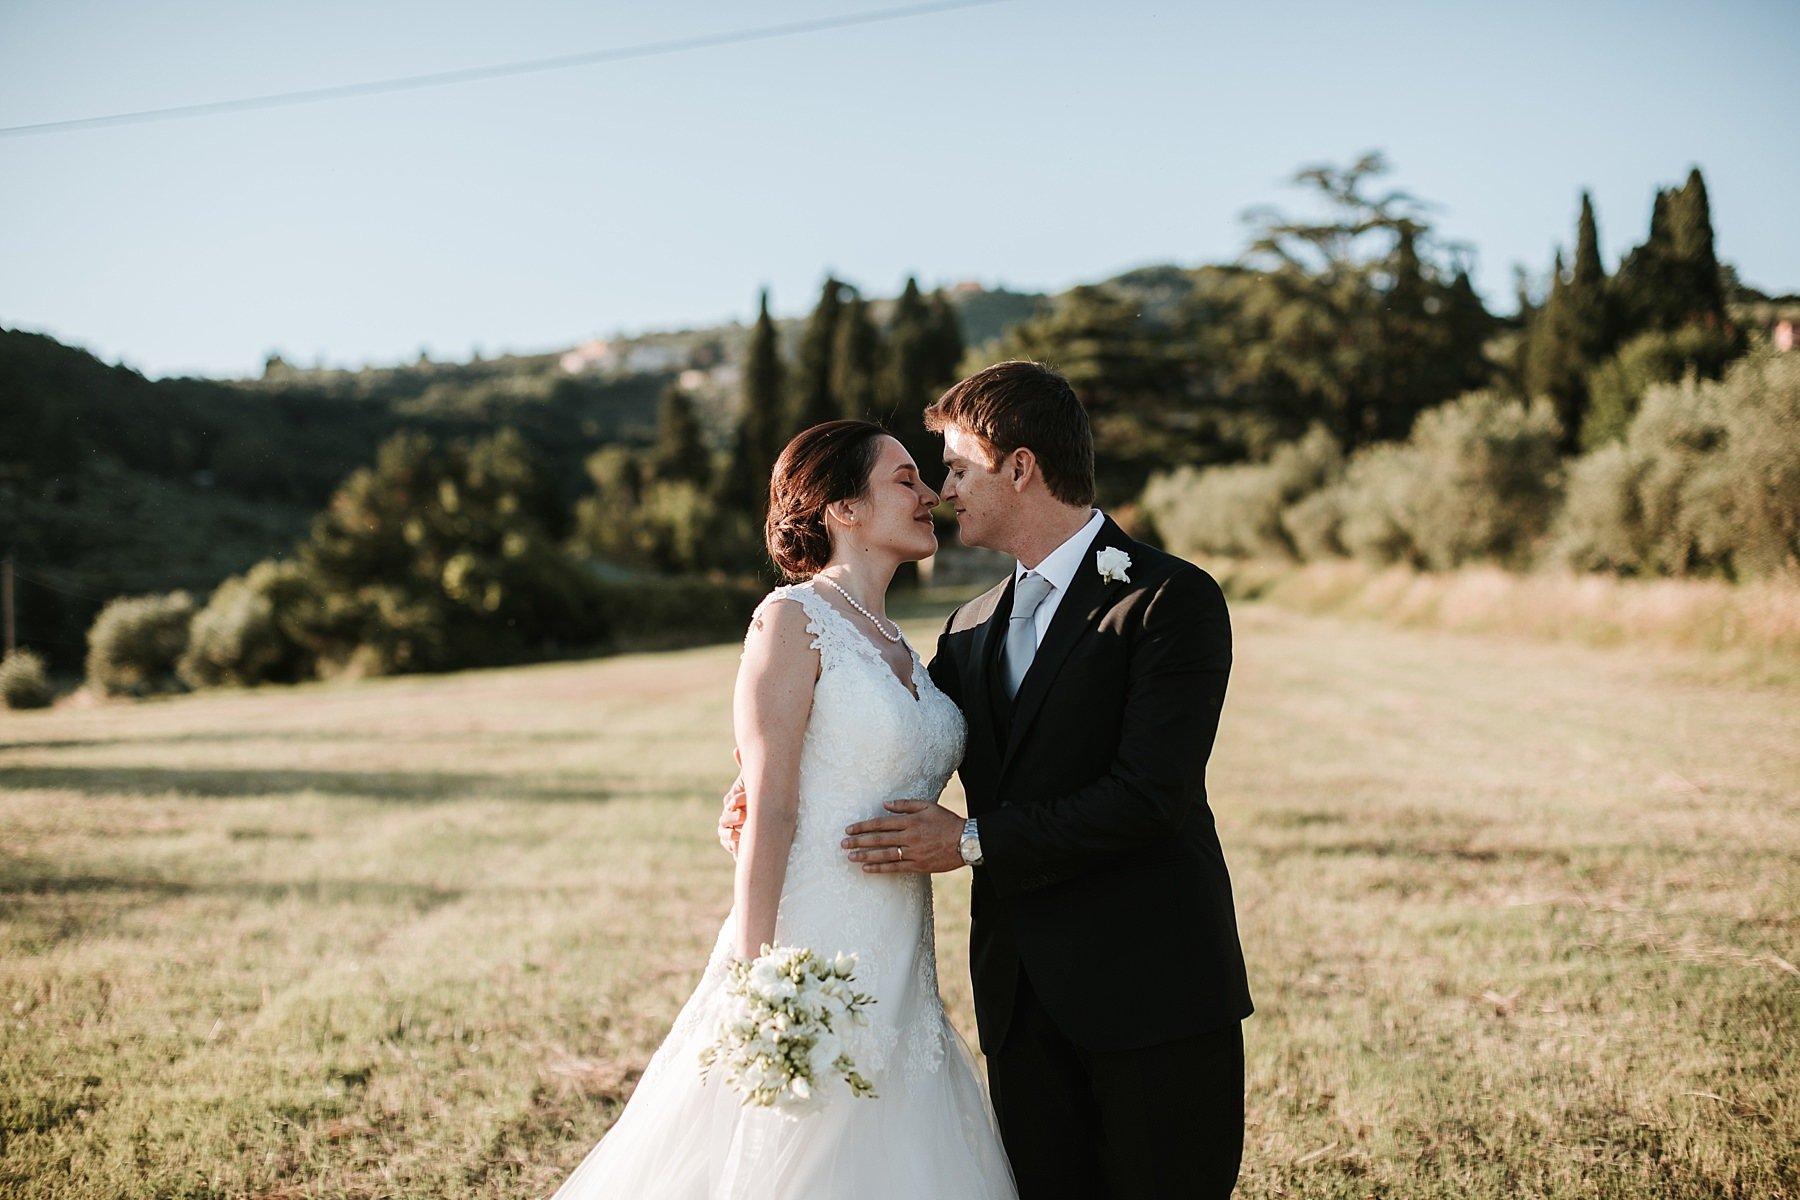 Fotografia di Sposi dopo la cerimonia